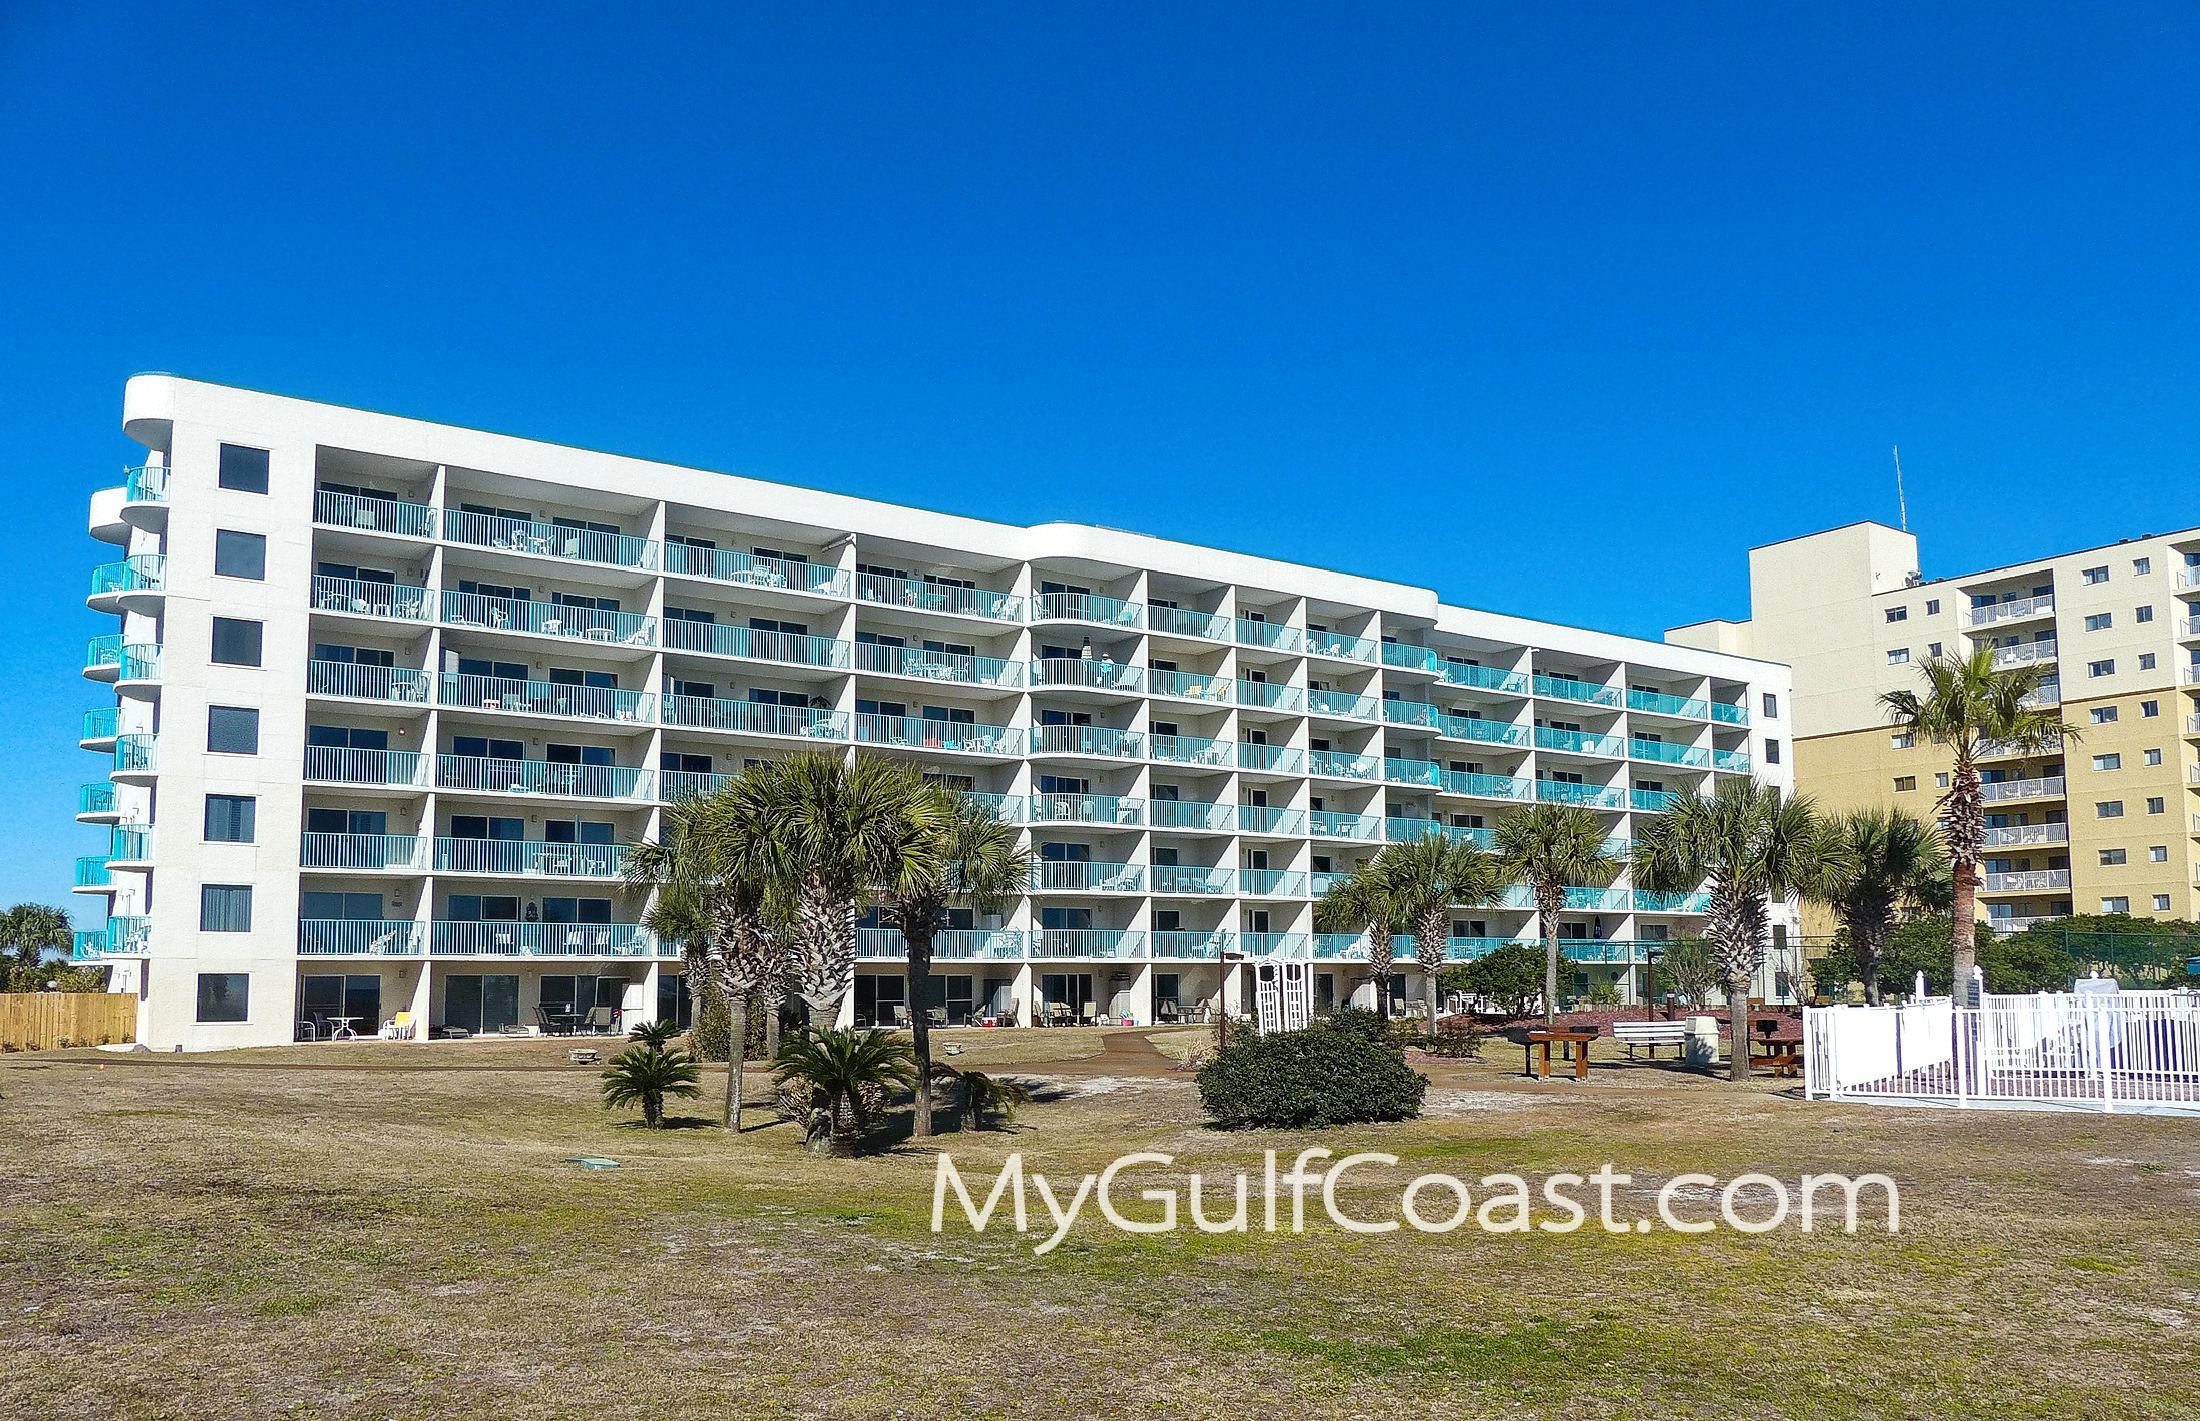 Gulf Shores Condos - 06.jpg